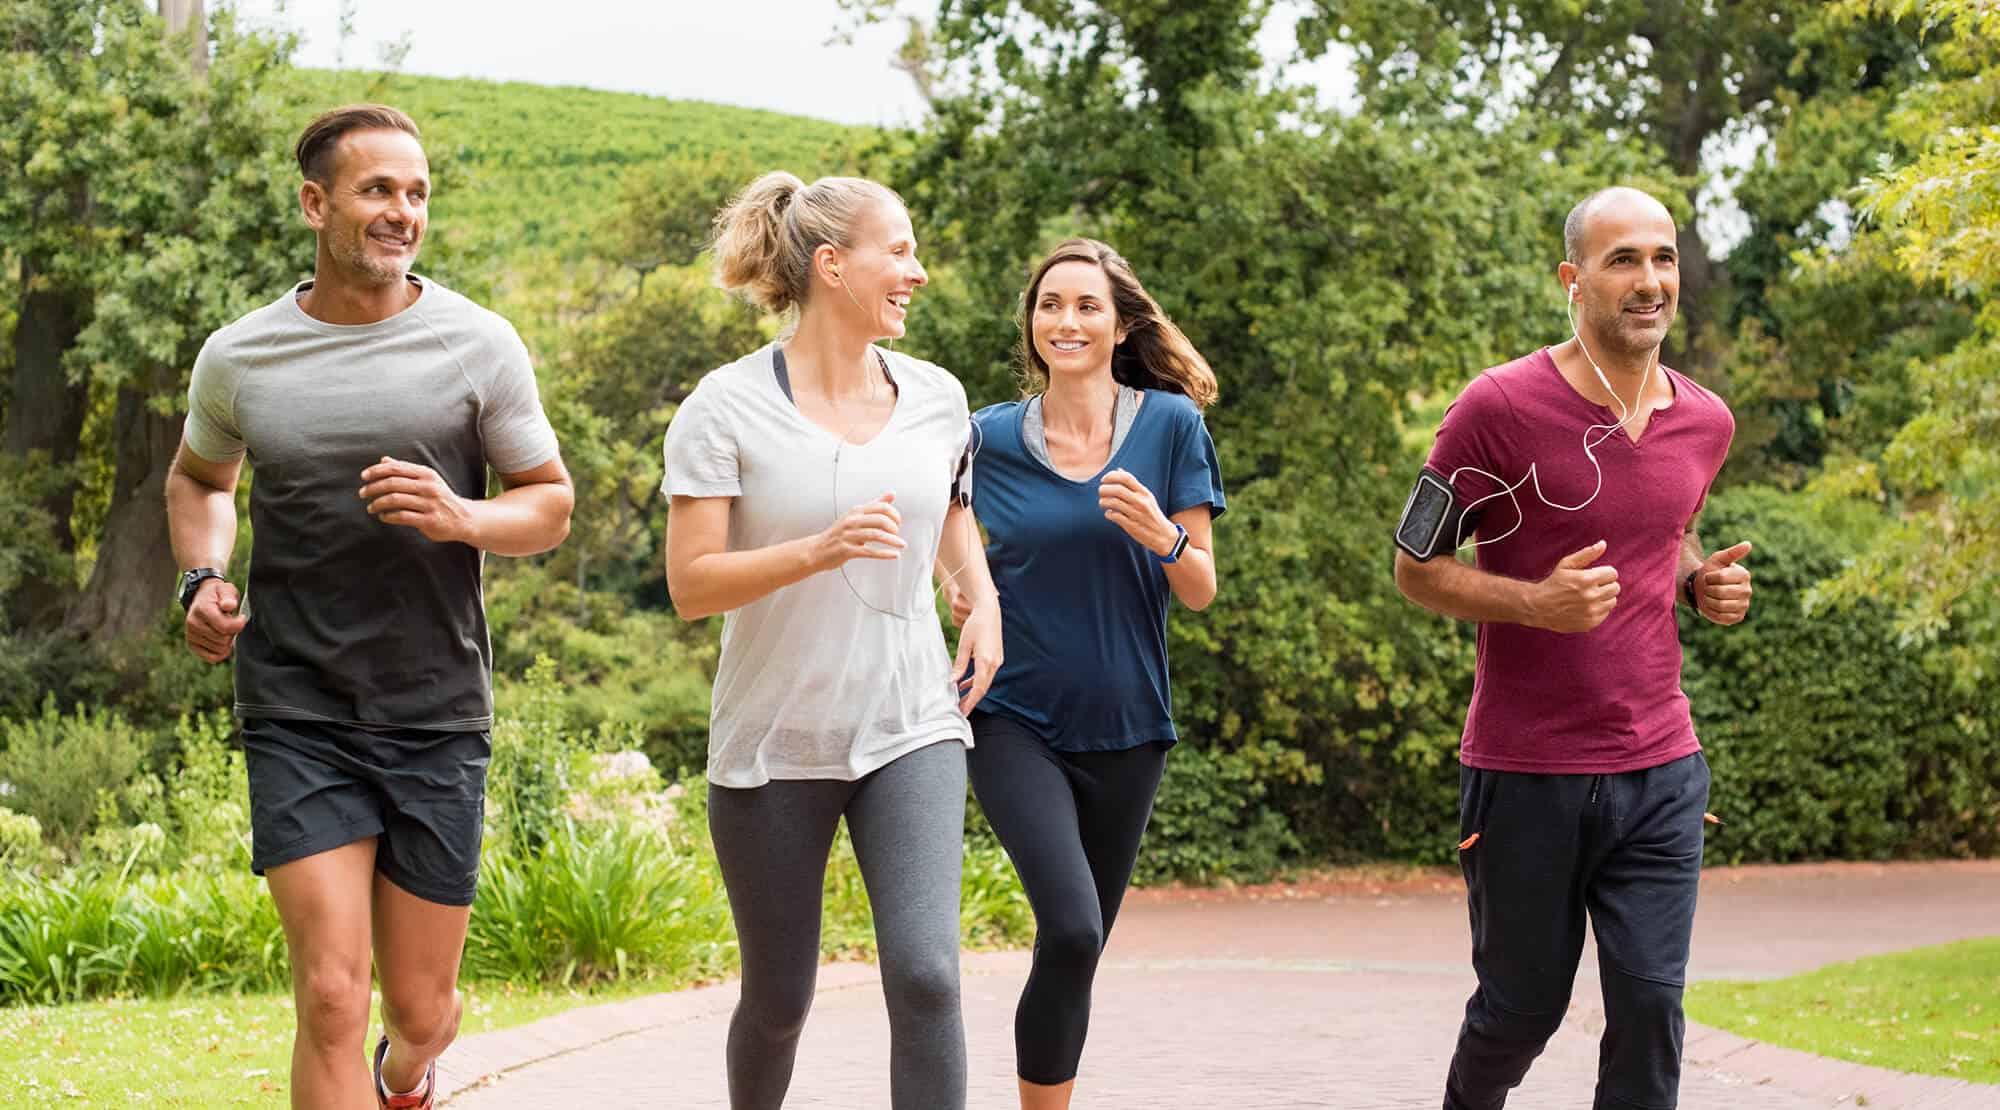 Běh - jogging při nachlazení? Neriskujte!